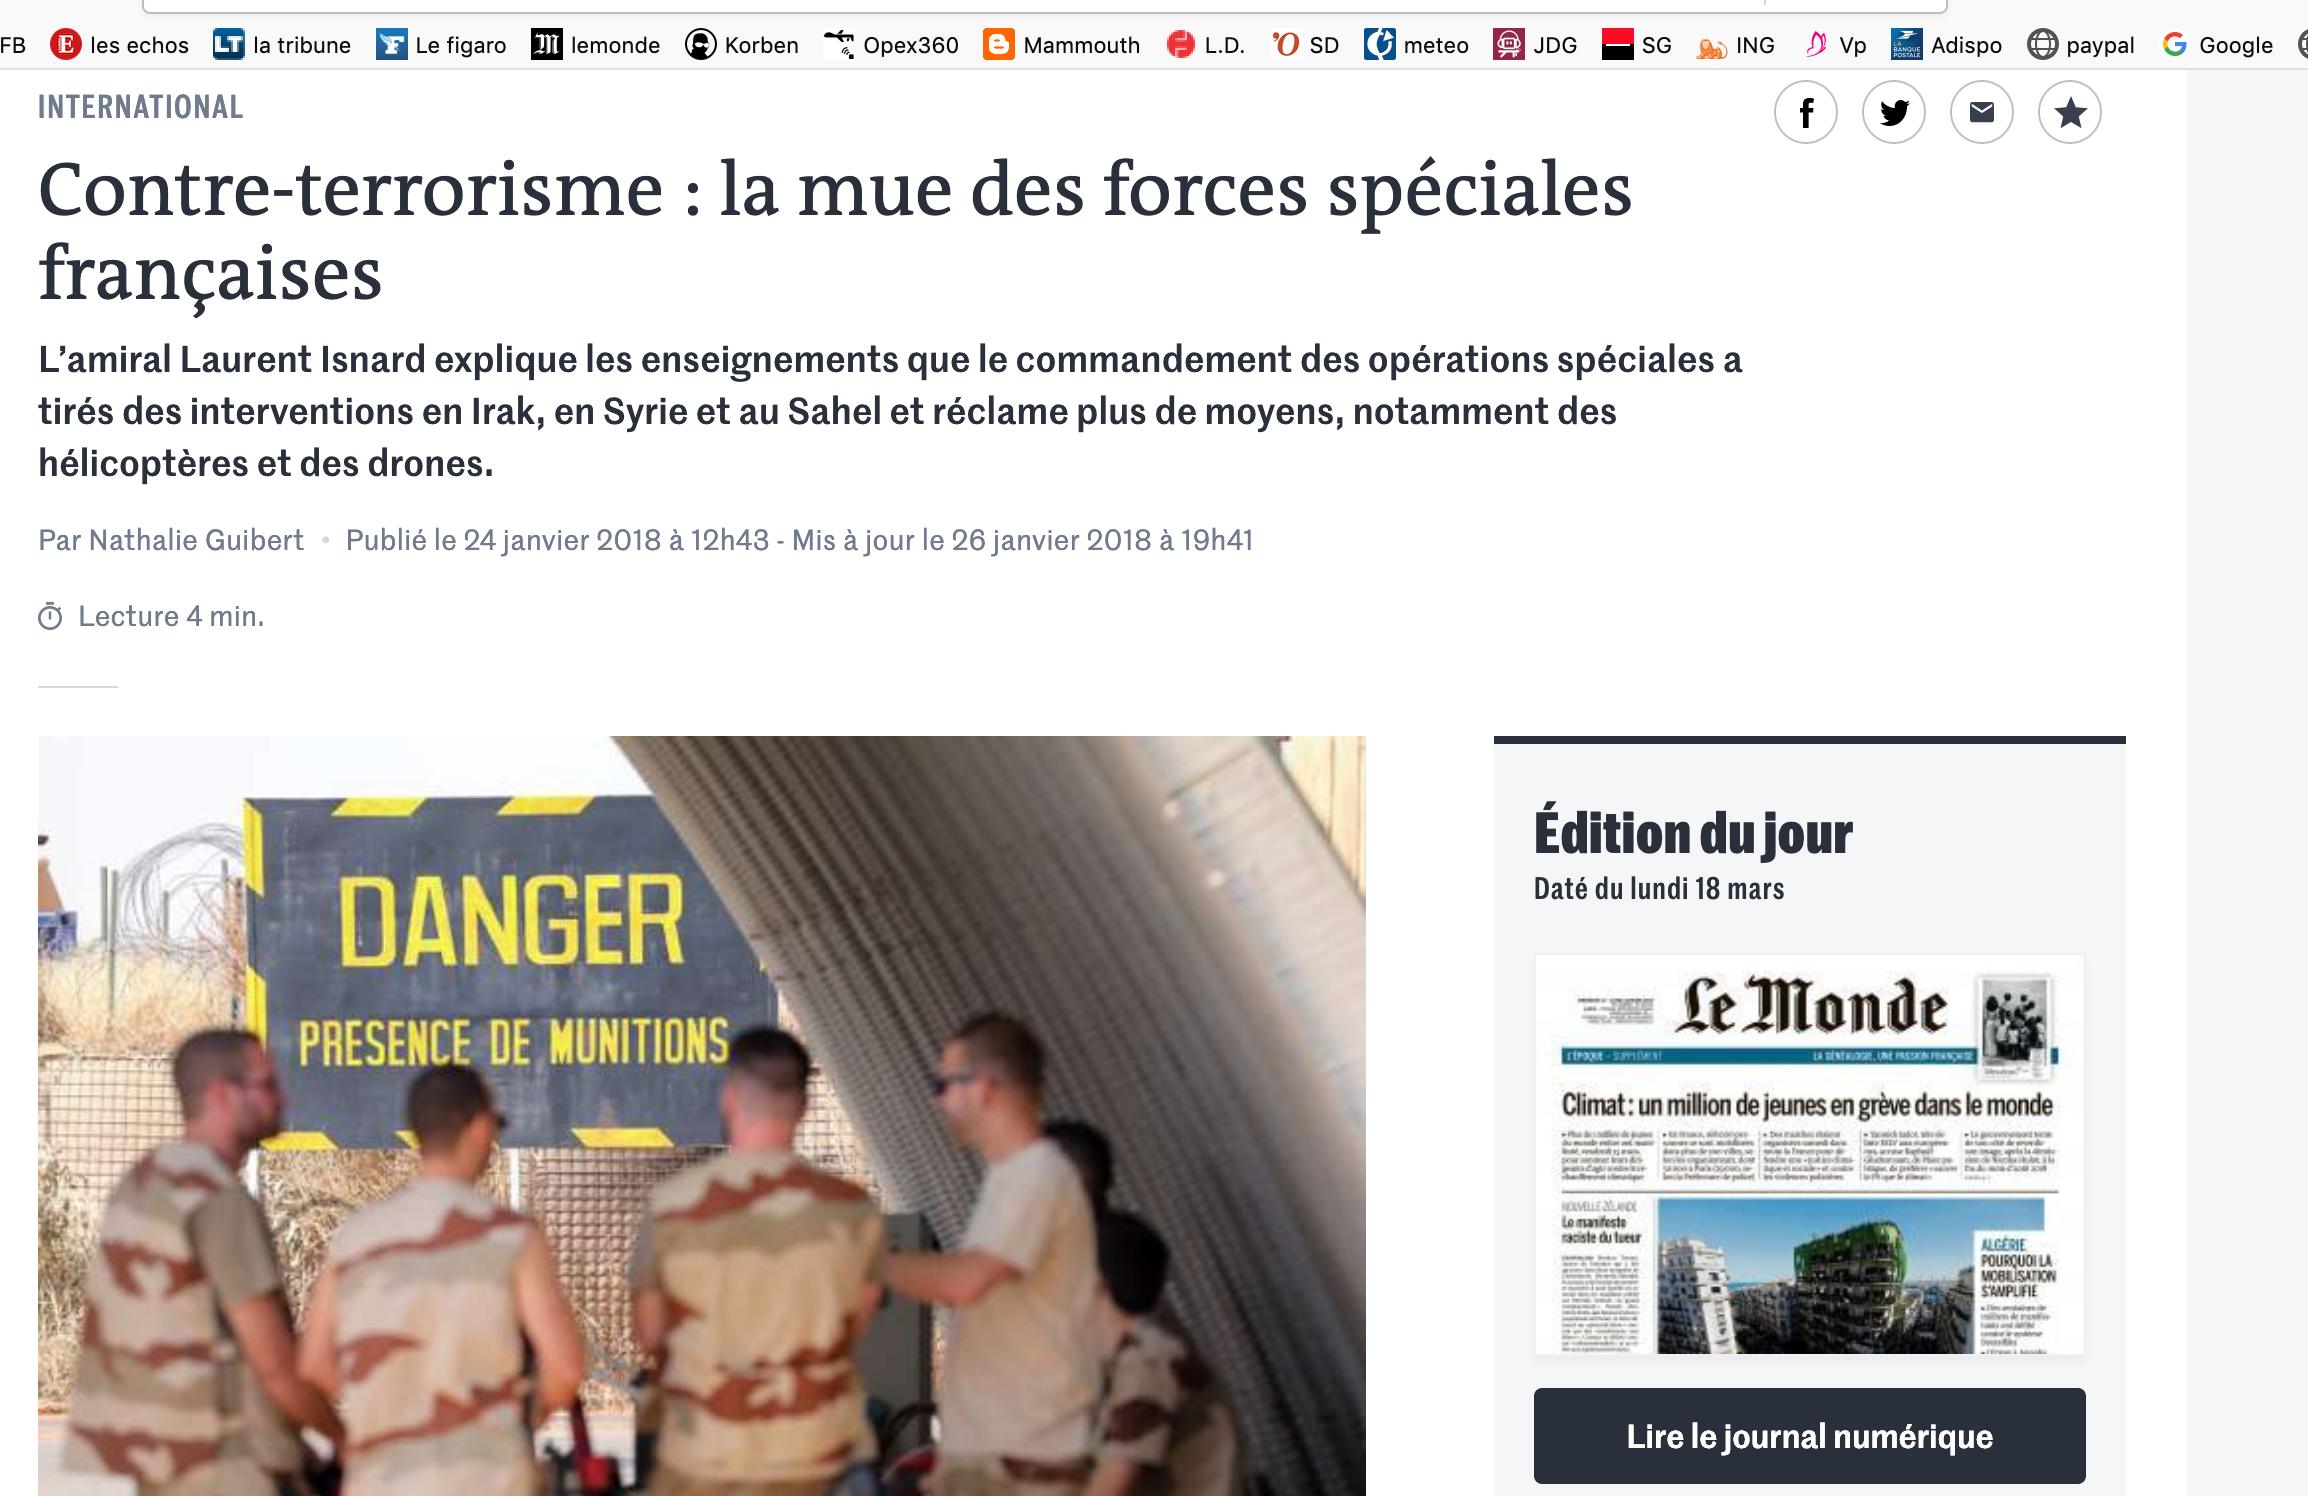 Contre-terrorisme : la mue des forces spéciales françaises :